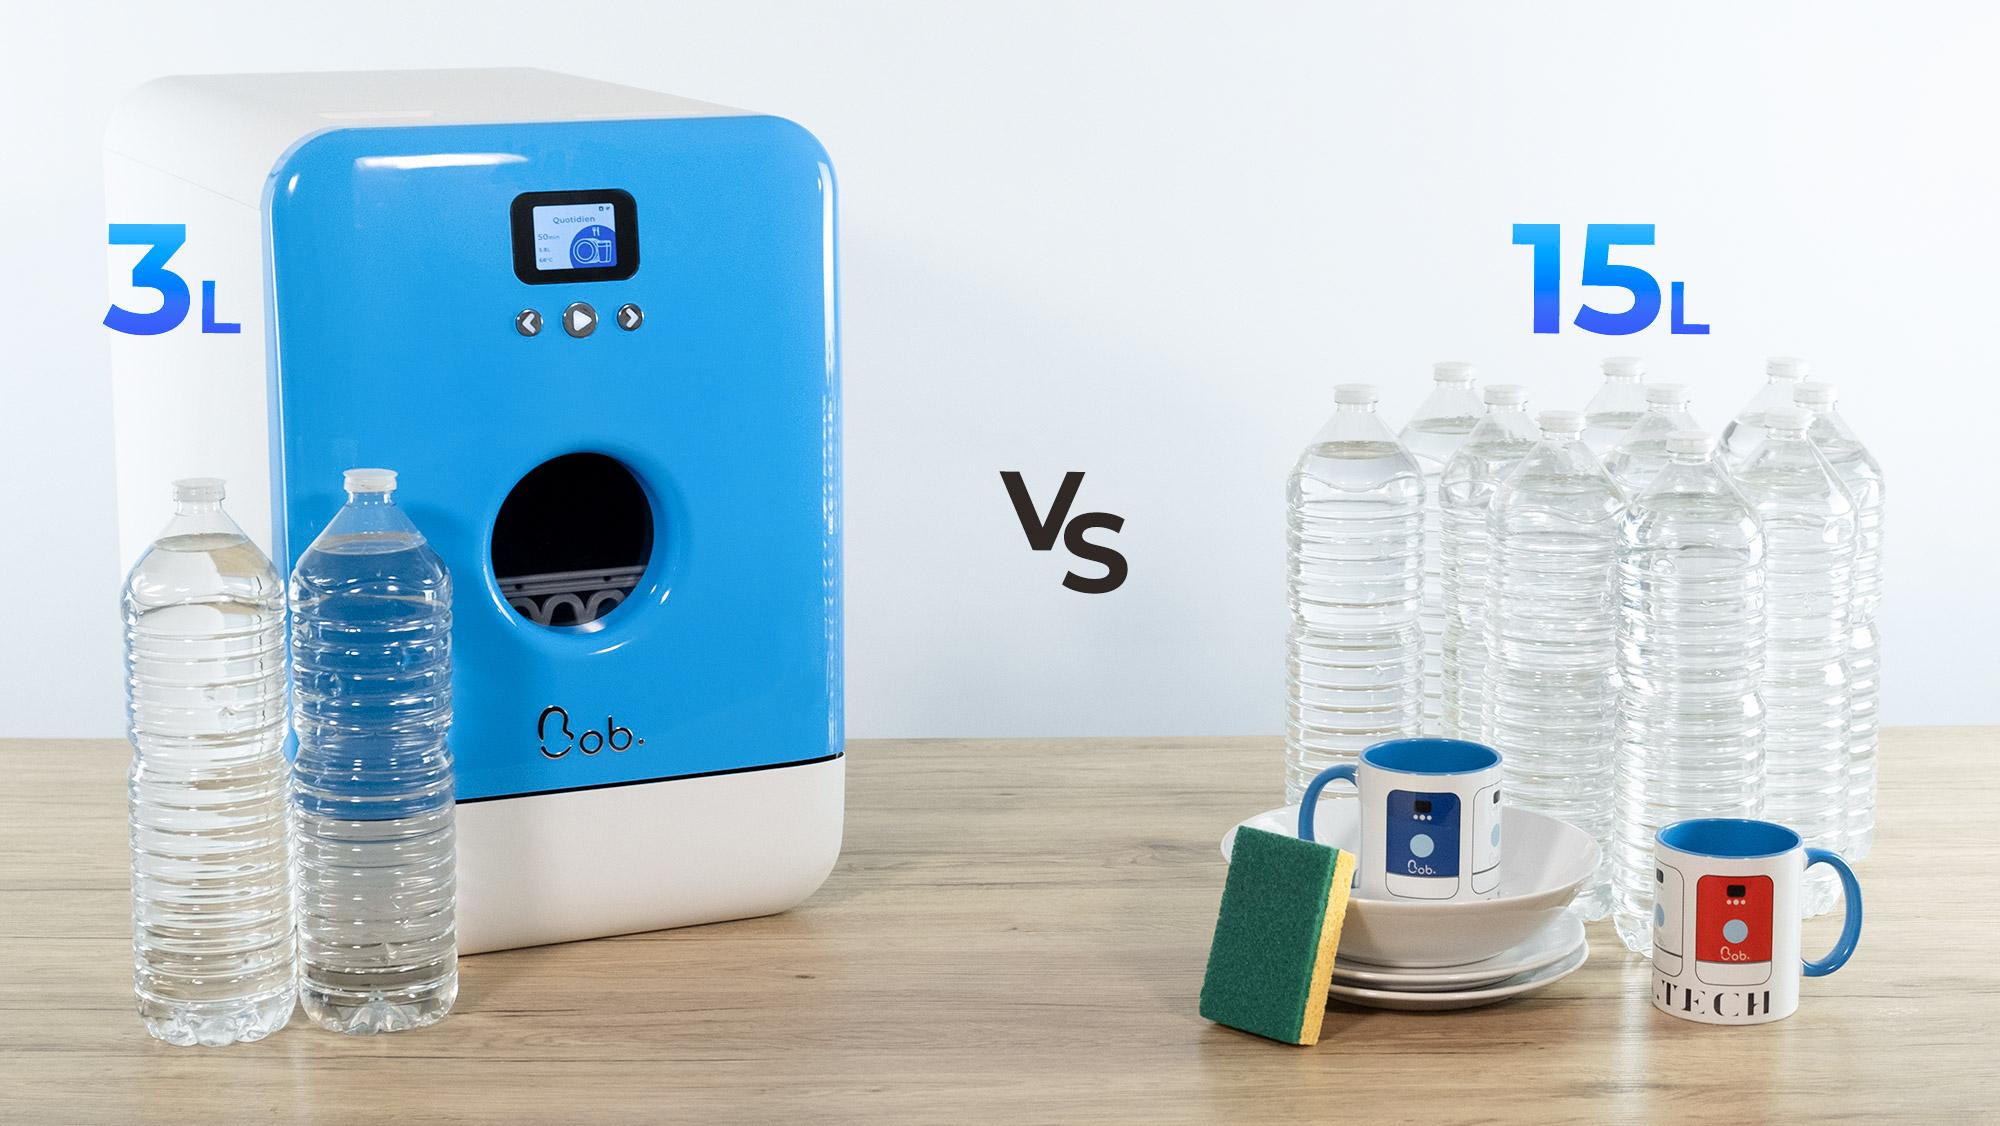 Comparatif économe Bob le mini lave-vaisselle 2.9 litres lavage main 15 litres